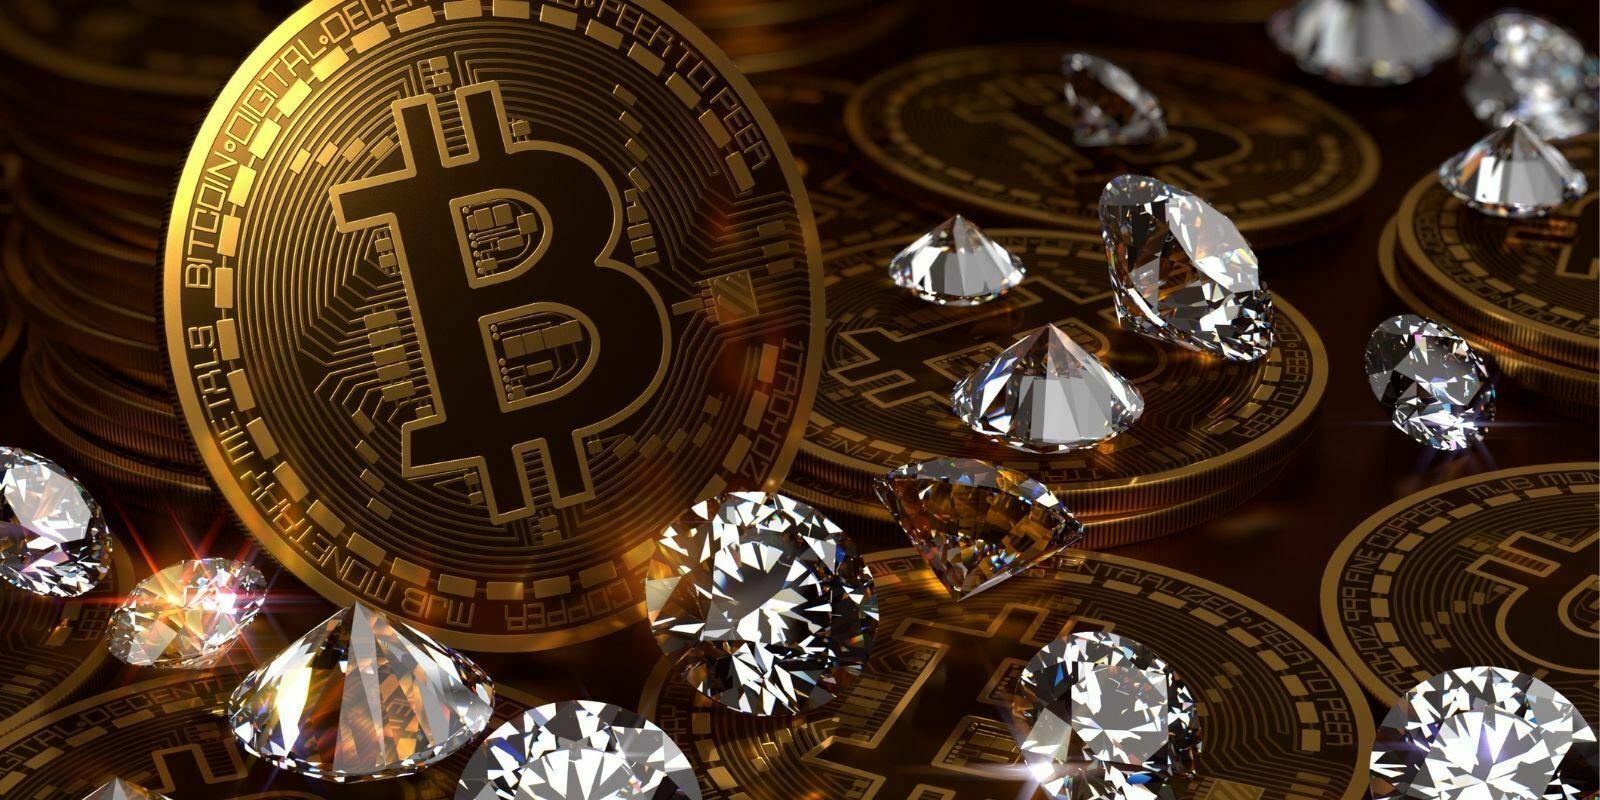 La startup belge HB Antwerp s'appuie sur Bitcoin (BTC) pour certifier ses diamants